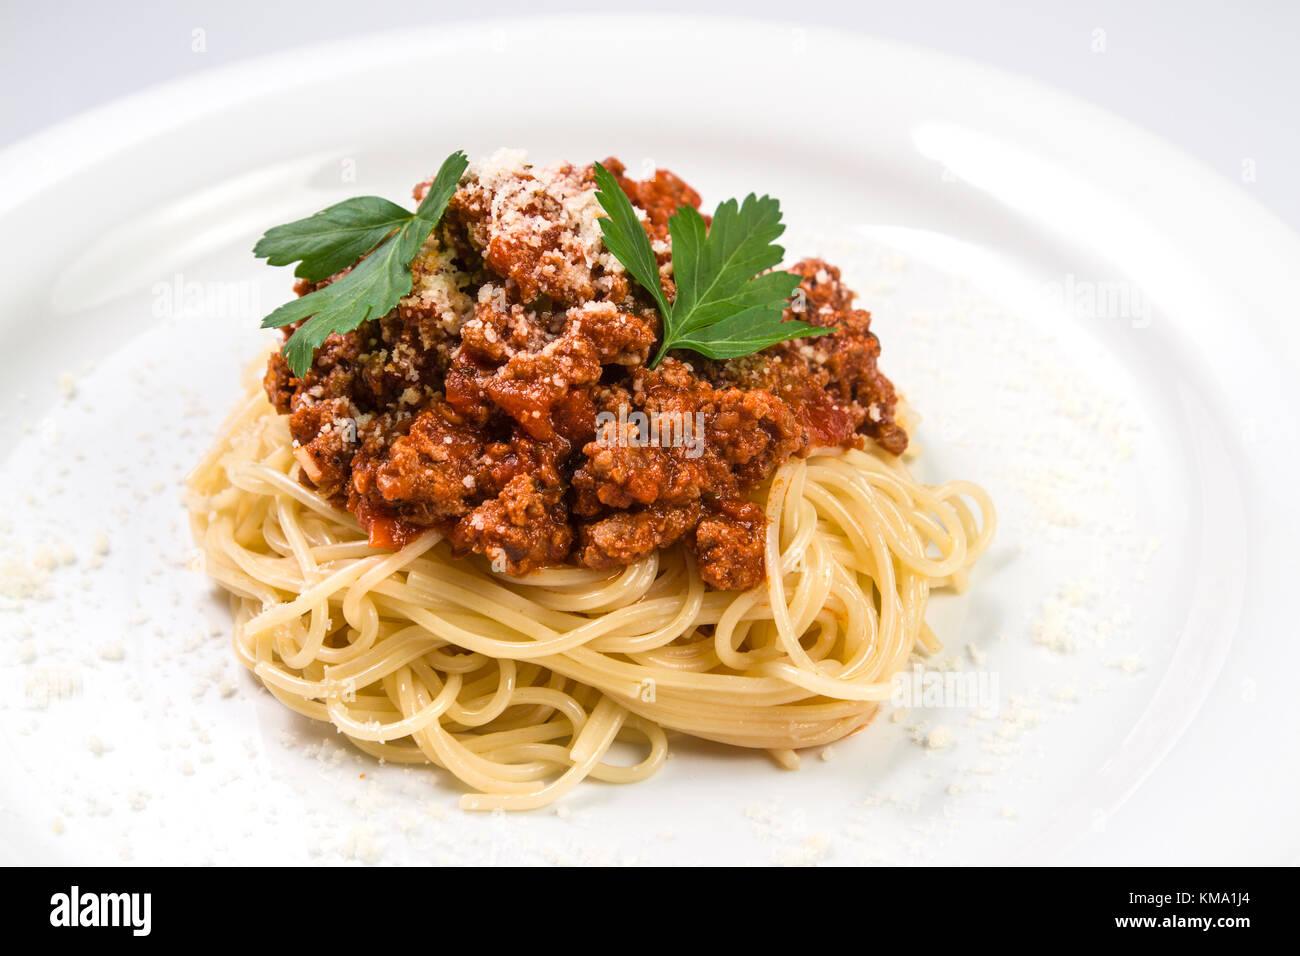 Italienische Spaghetti Nudeln mit Rindfleisch und Tomatensauce Bolognese auf weiße Platte Stockbild